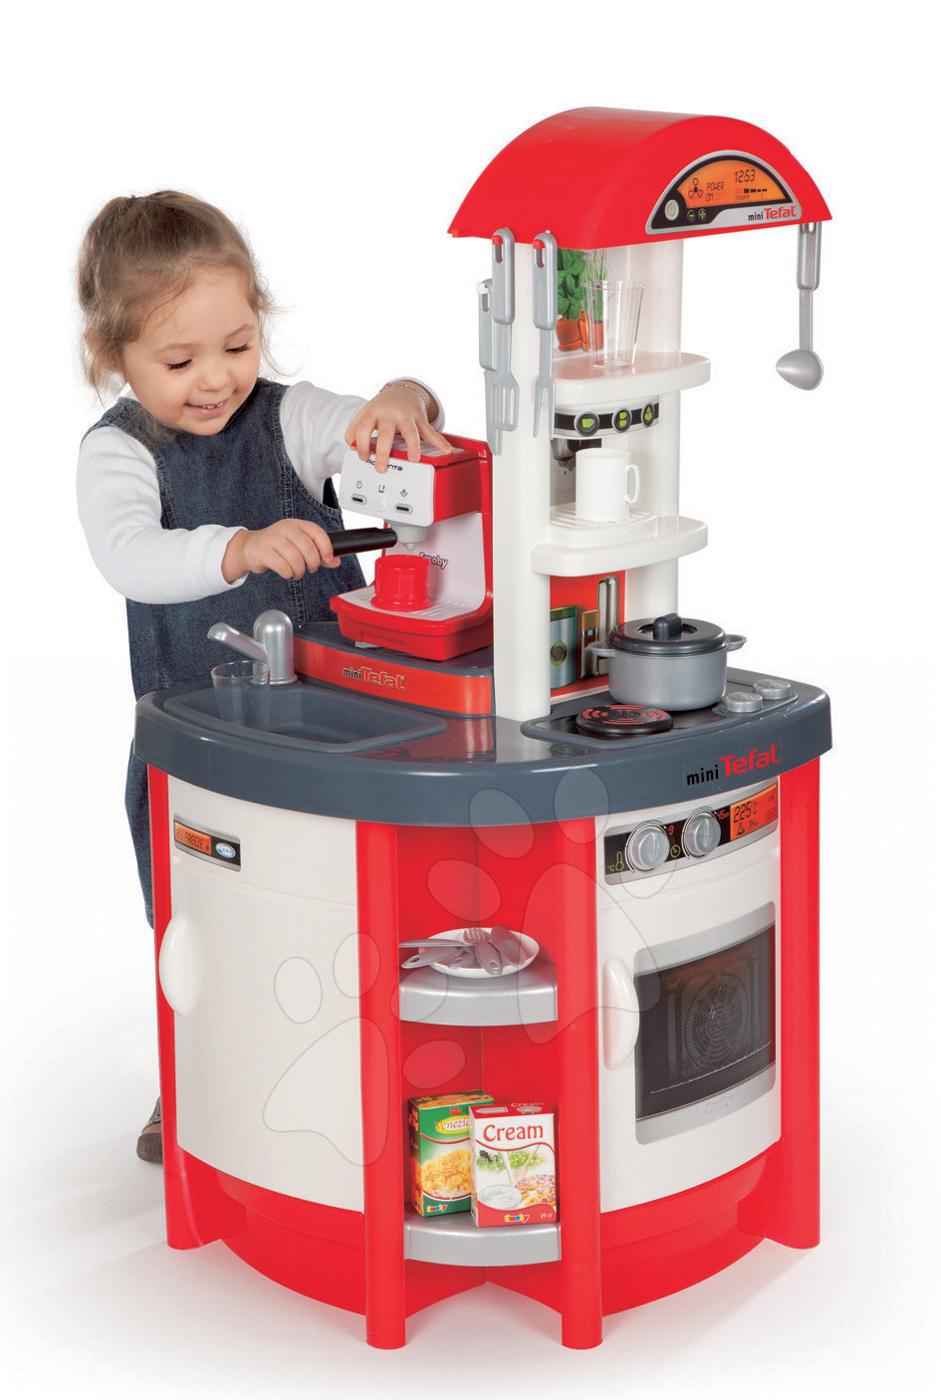 Smoby detská kuchynka Tefal Studio 24166 červeno-biela